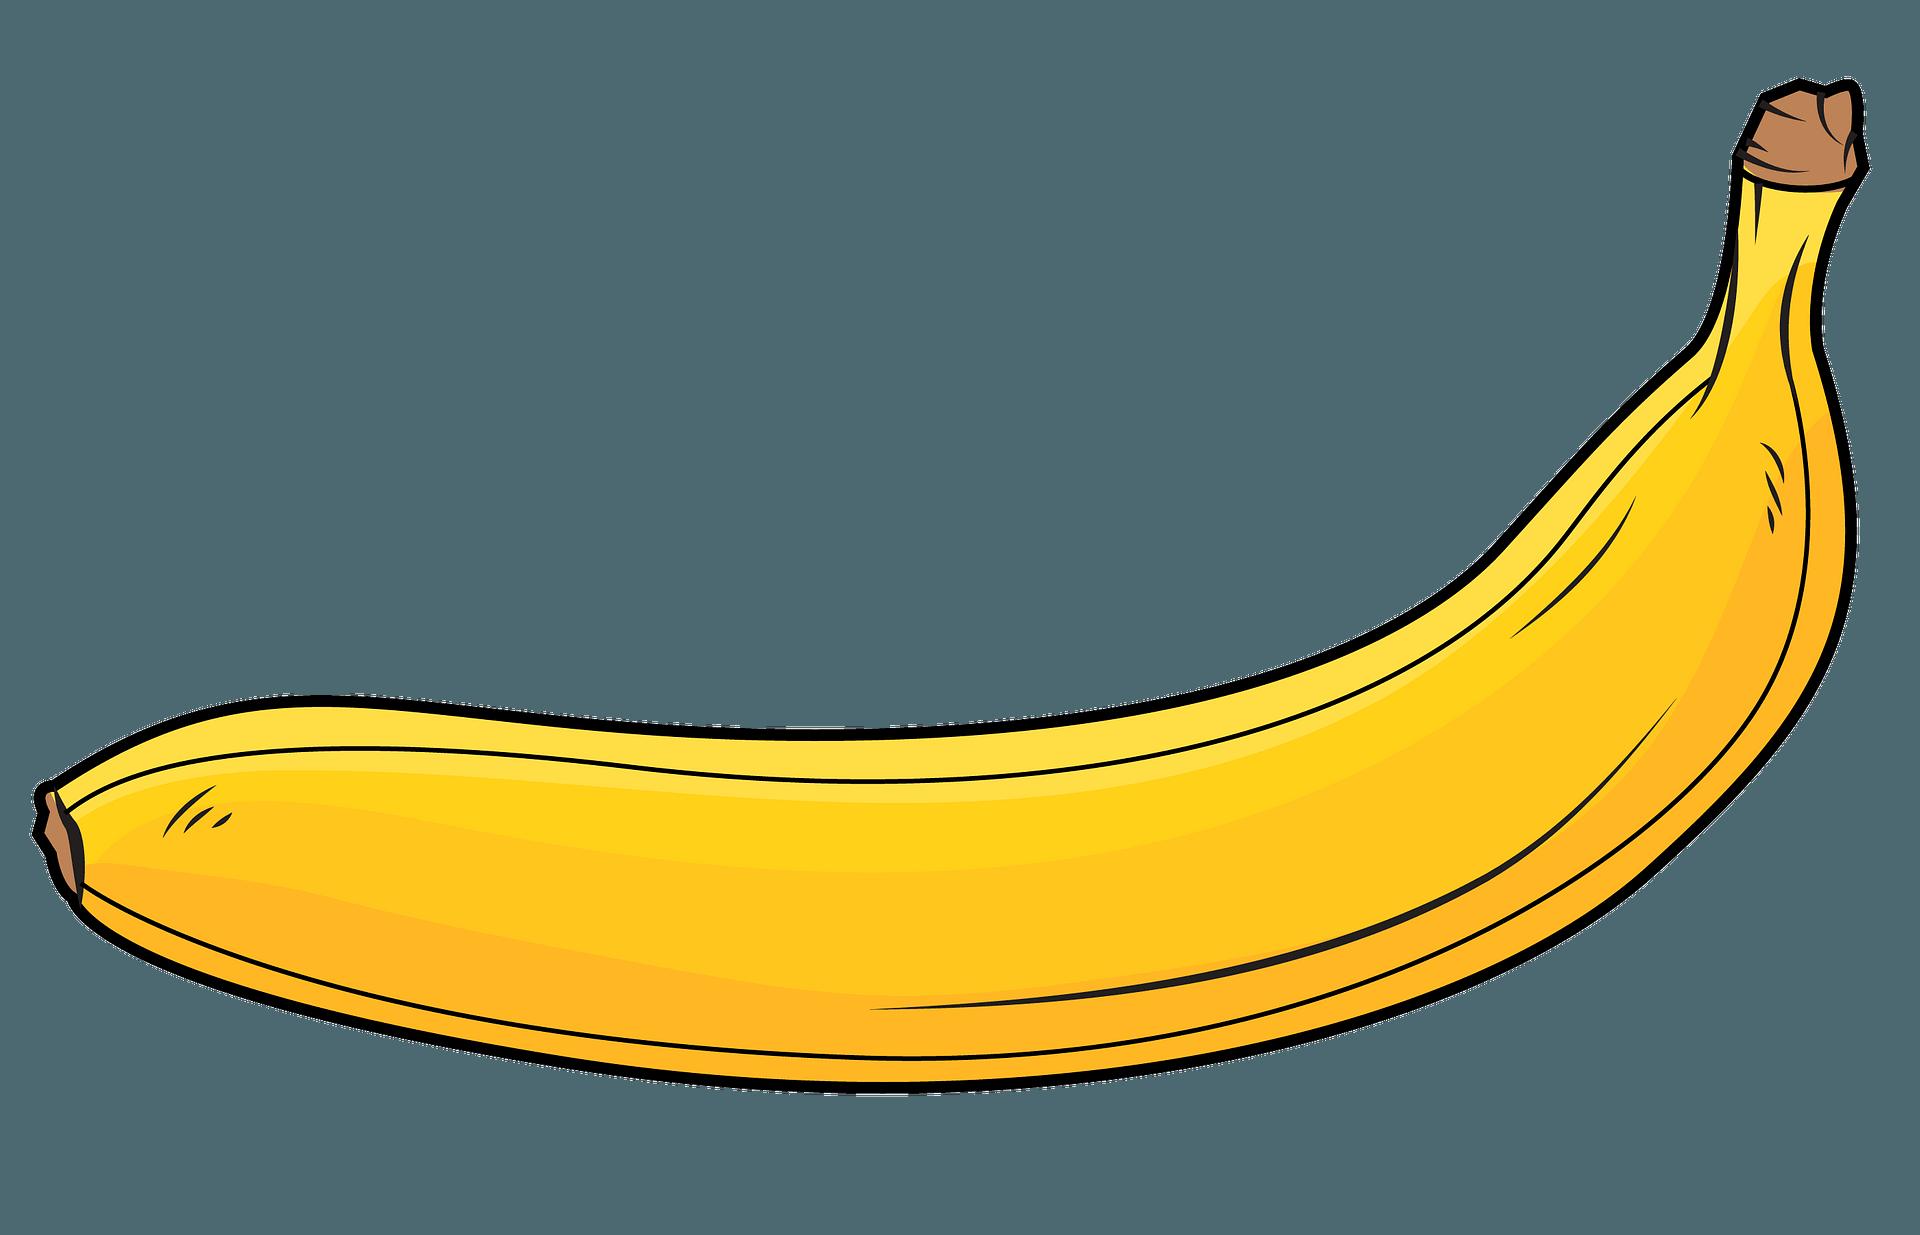 Banana Clipart Free Download Transparent Png Creazilla